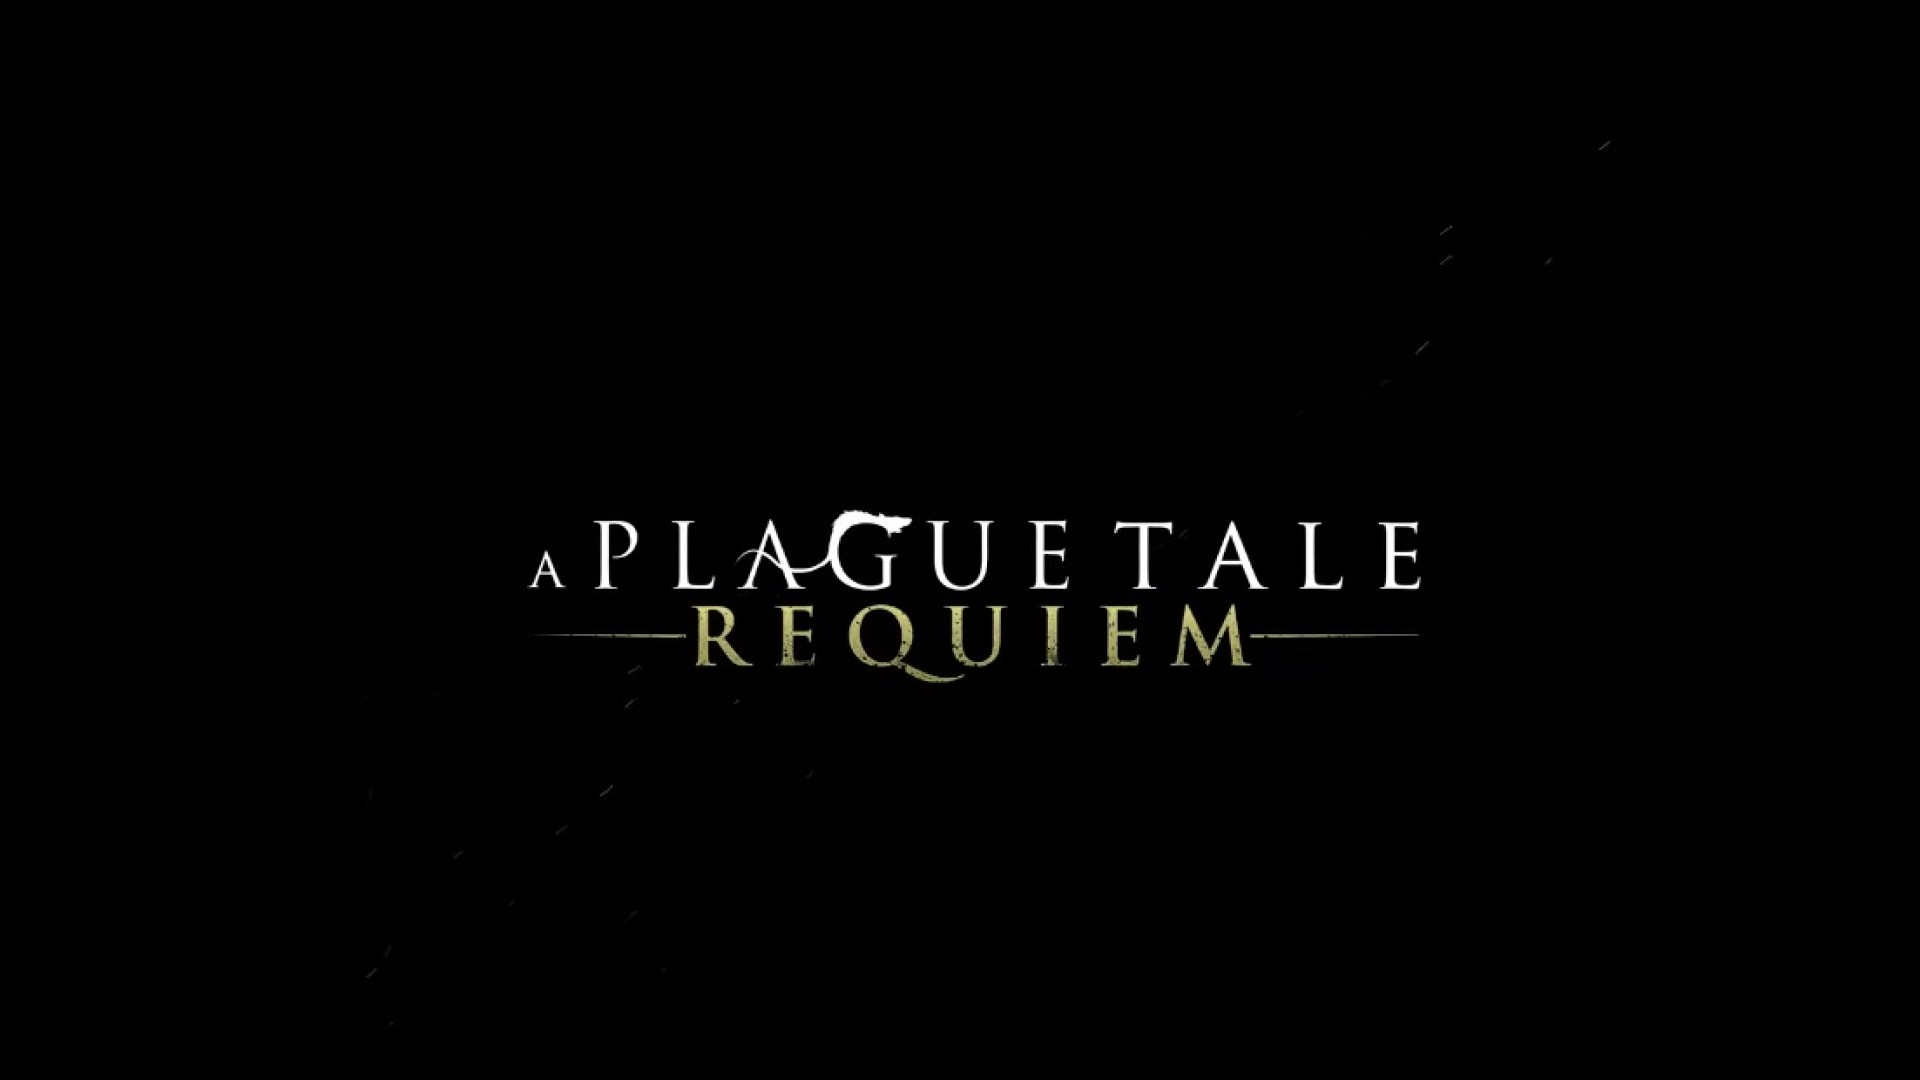 A Plague Tale: Requiem เผยวิดีโอตัวอย่างแรกกับการผจัญภัยครั้งใหม่เพื่อเผชิญหน้ากับหายนะที่รุนแรงกว่าเดิม